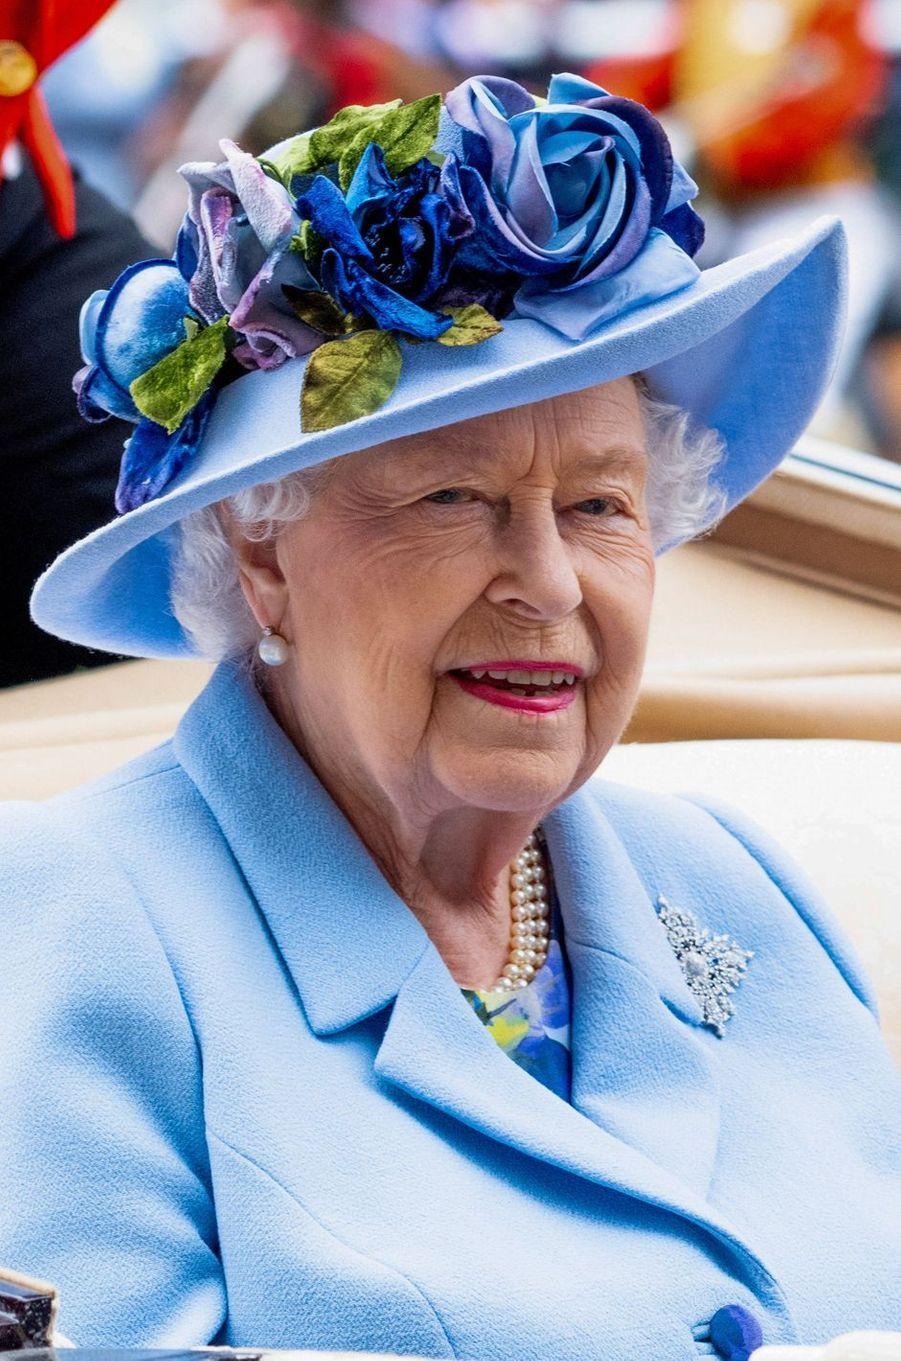 Le chapeau de la reine Elizabeth II au Royal Ascot, le 18 juin 2019